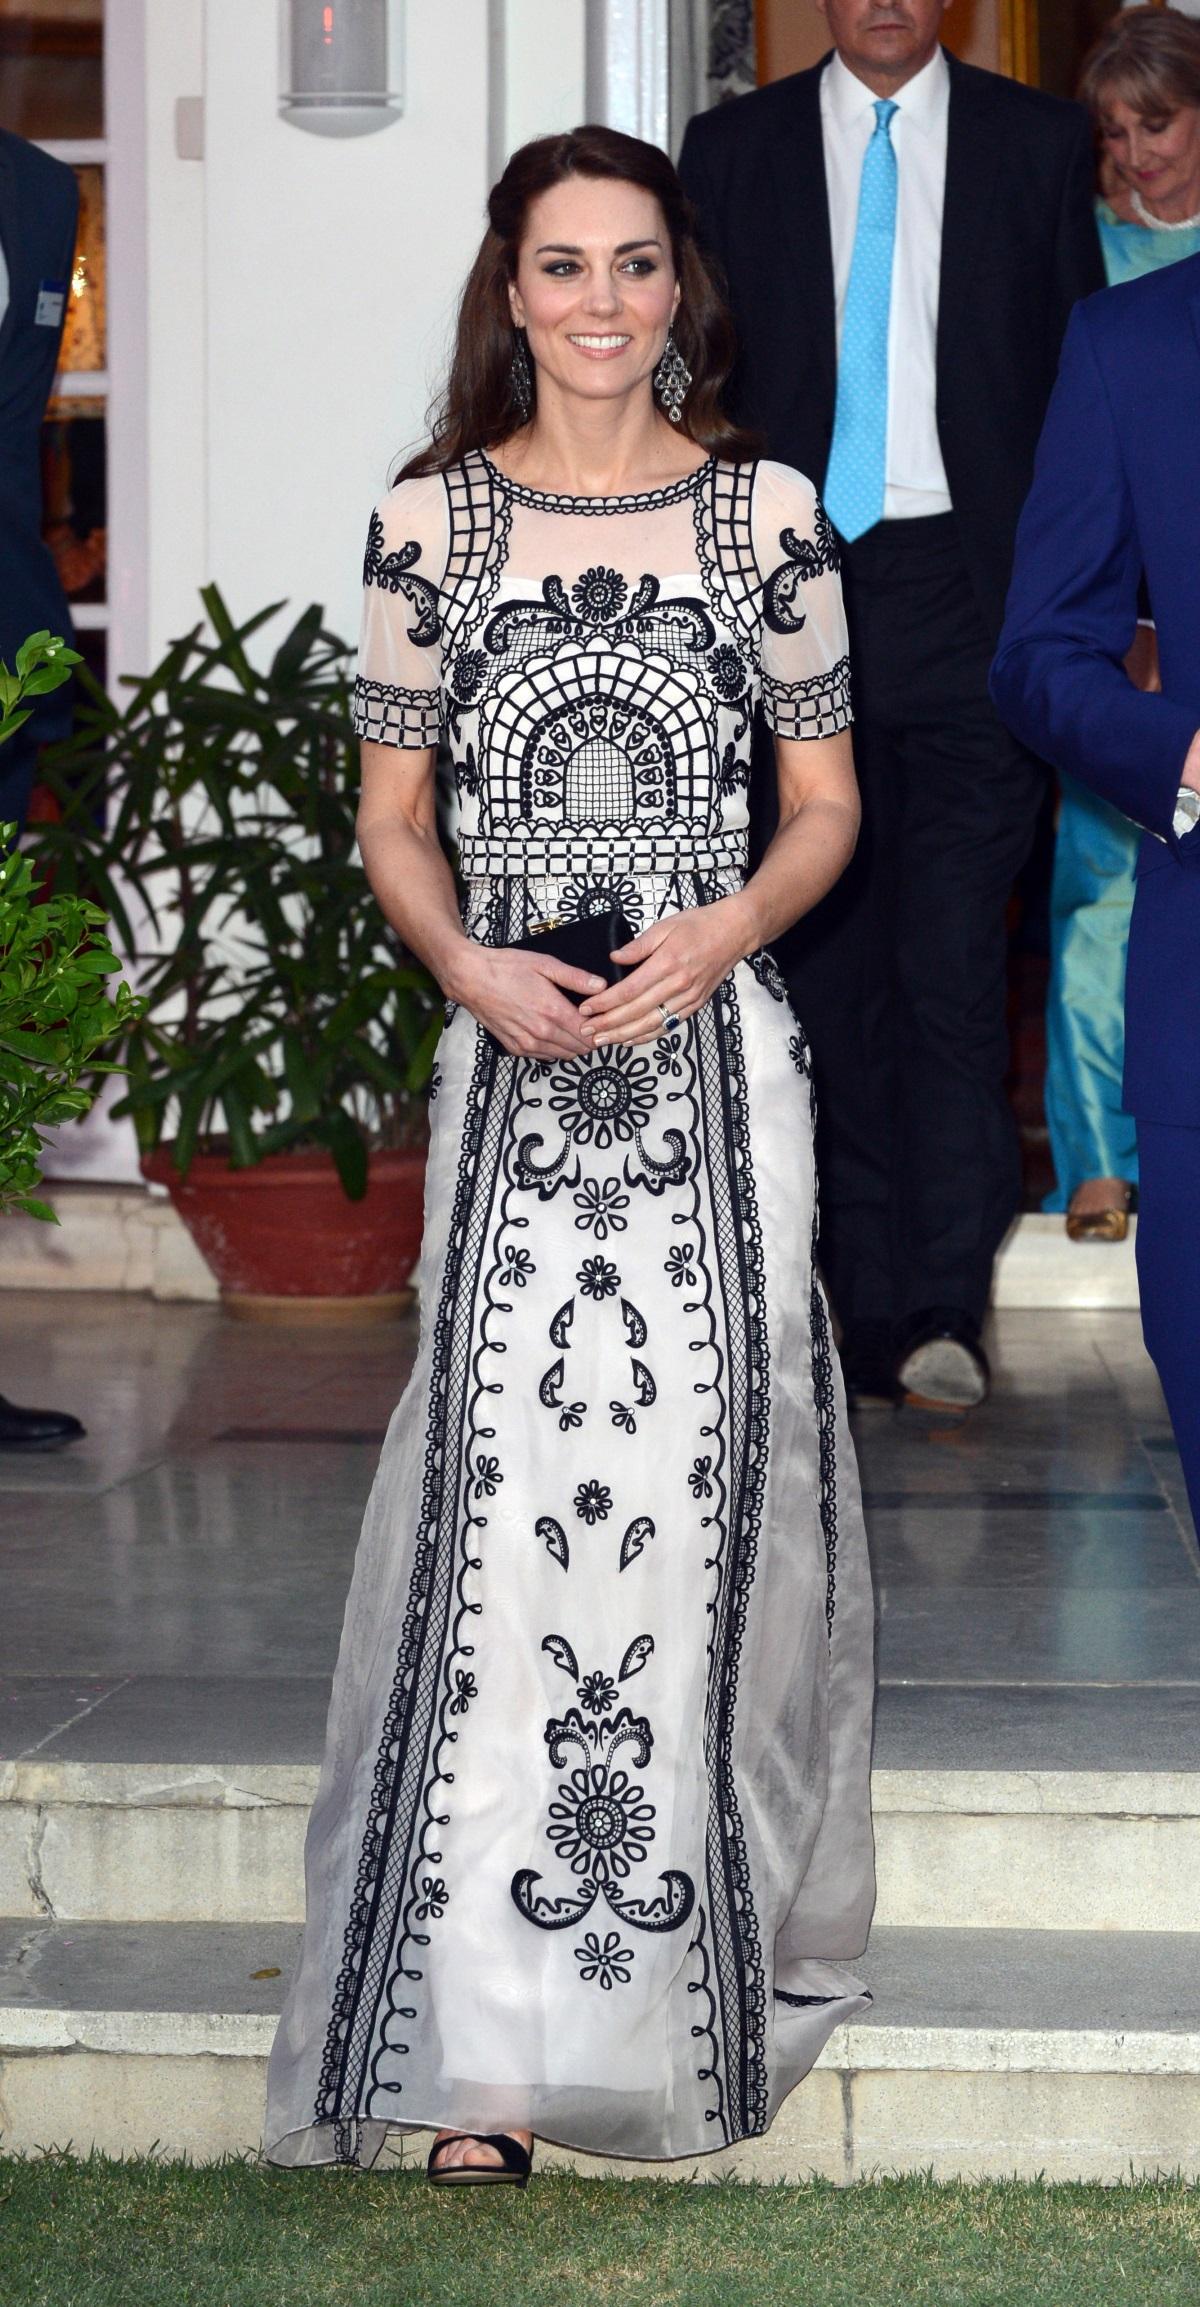 През април Кейт Мидълтън и принц Уилям бяха на едноседмично посещение в Индия и в Бутан. По време на престоя им в Южна Азия херцогинята на Кеймбридж се появи с няколко невероятни рокли, с които за пореден път причлече всиманието върху себе си